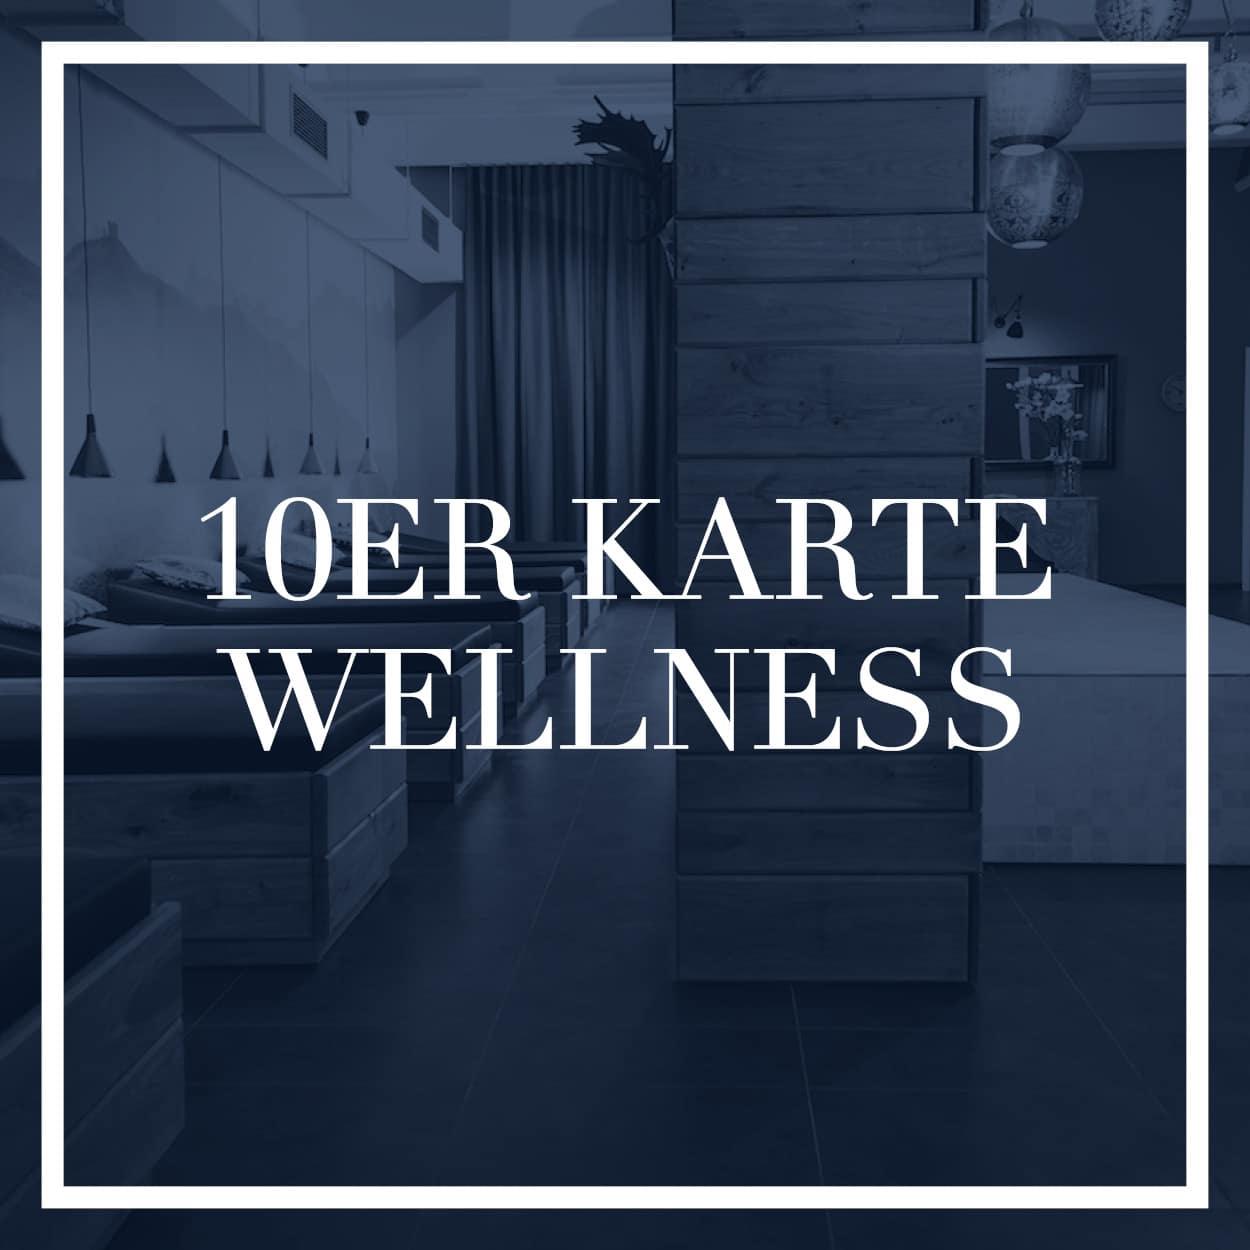 Wellness online buchen in Ludwigsburg, Spa Ludwigsburg online reservieren, Wellness, Online Shop, Online einkaufen Ludwisgburg